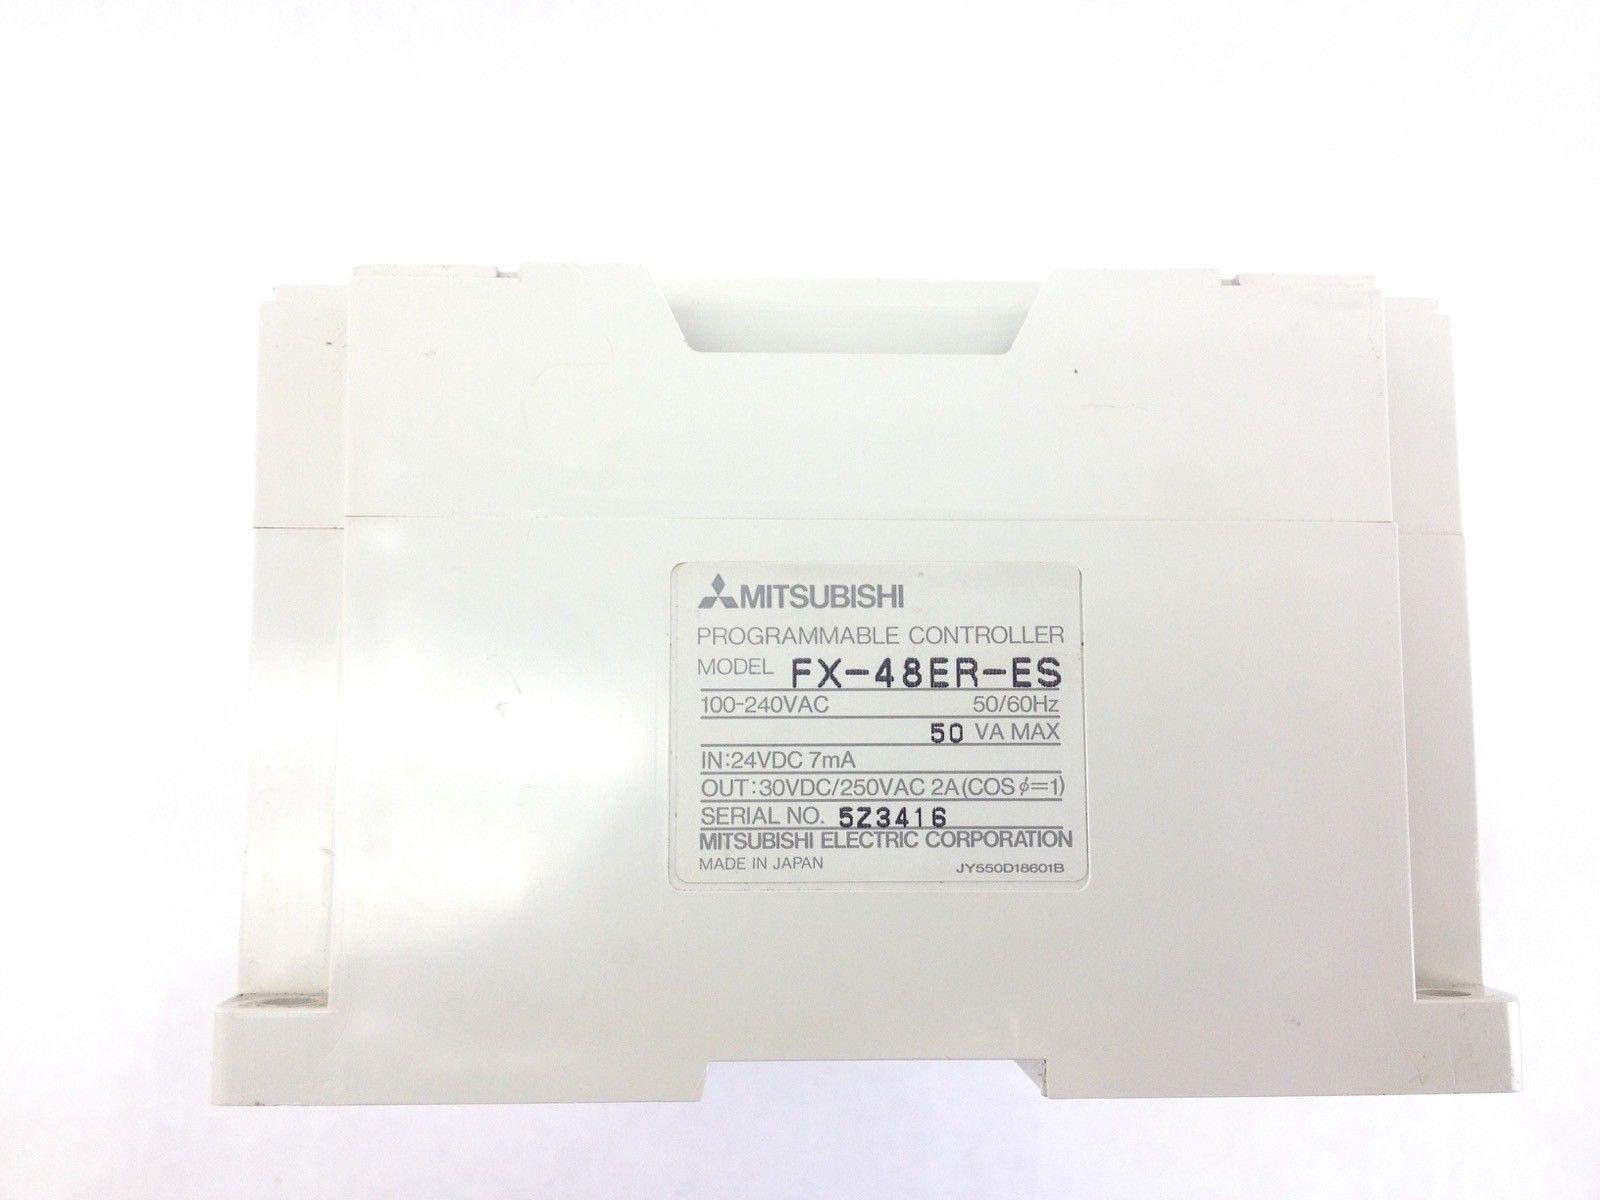 MITSUBISHI MELSEC FX-48ER-ES PROGRAMMABLE CONTROLLER (H352) 3